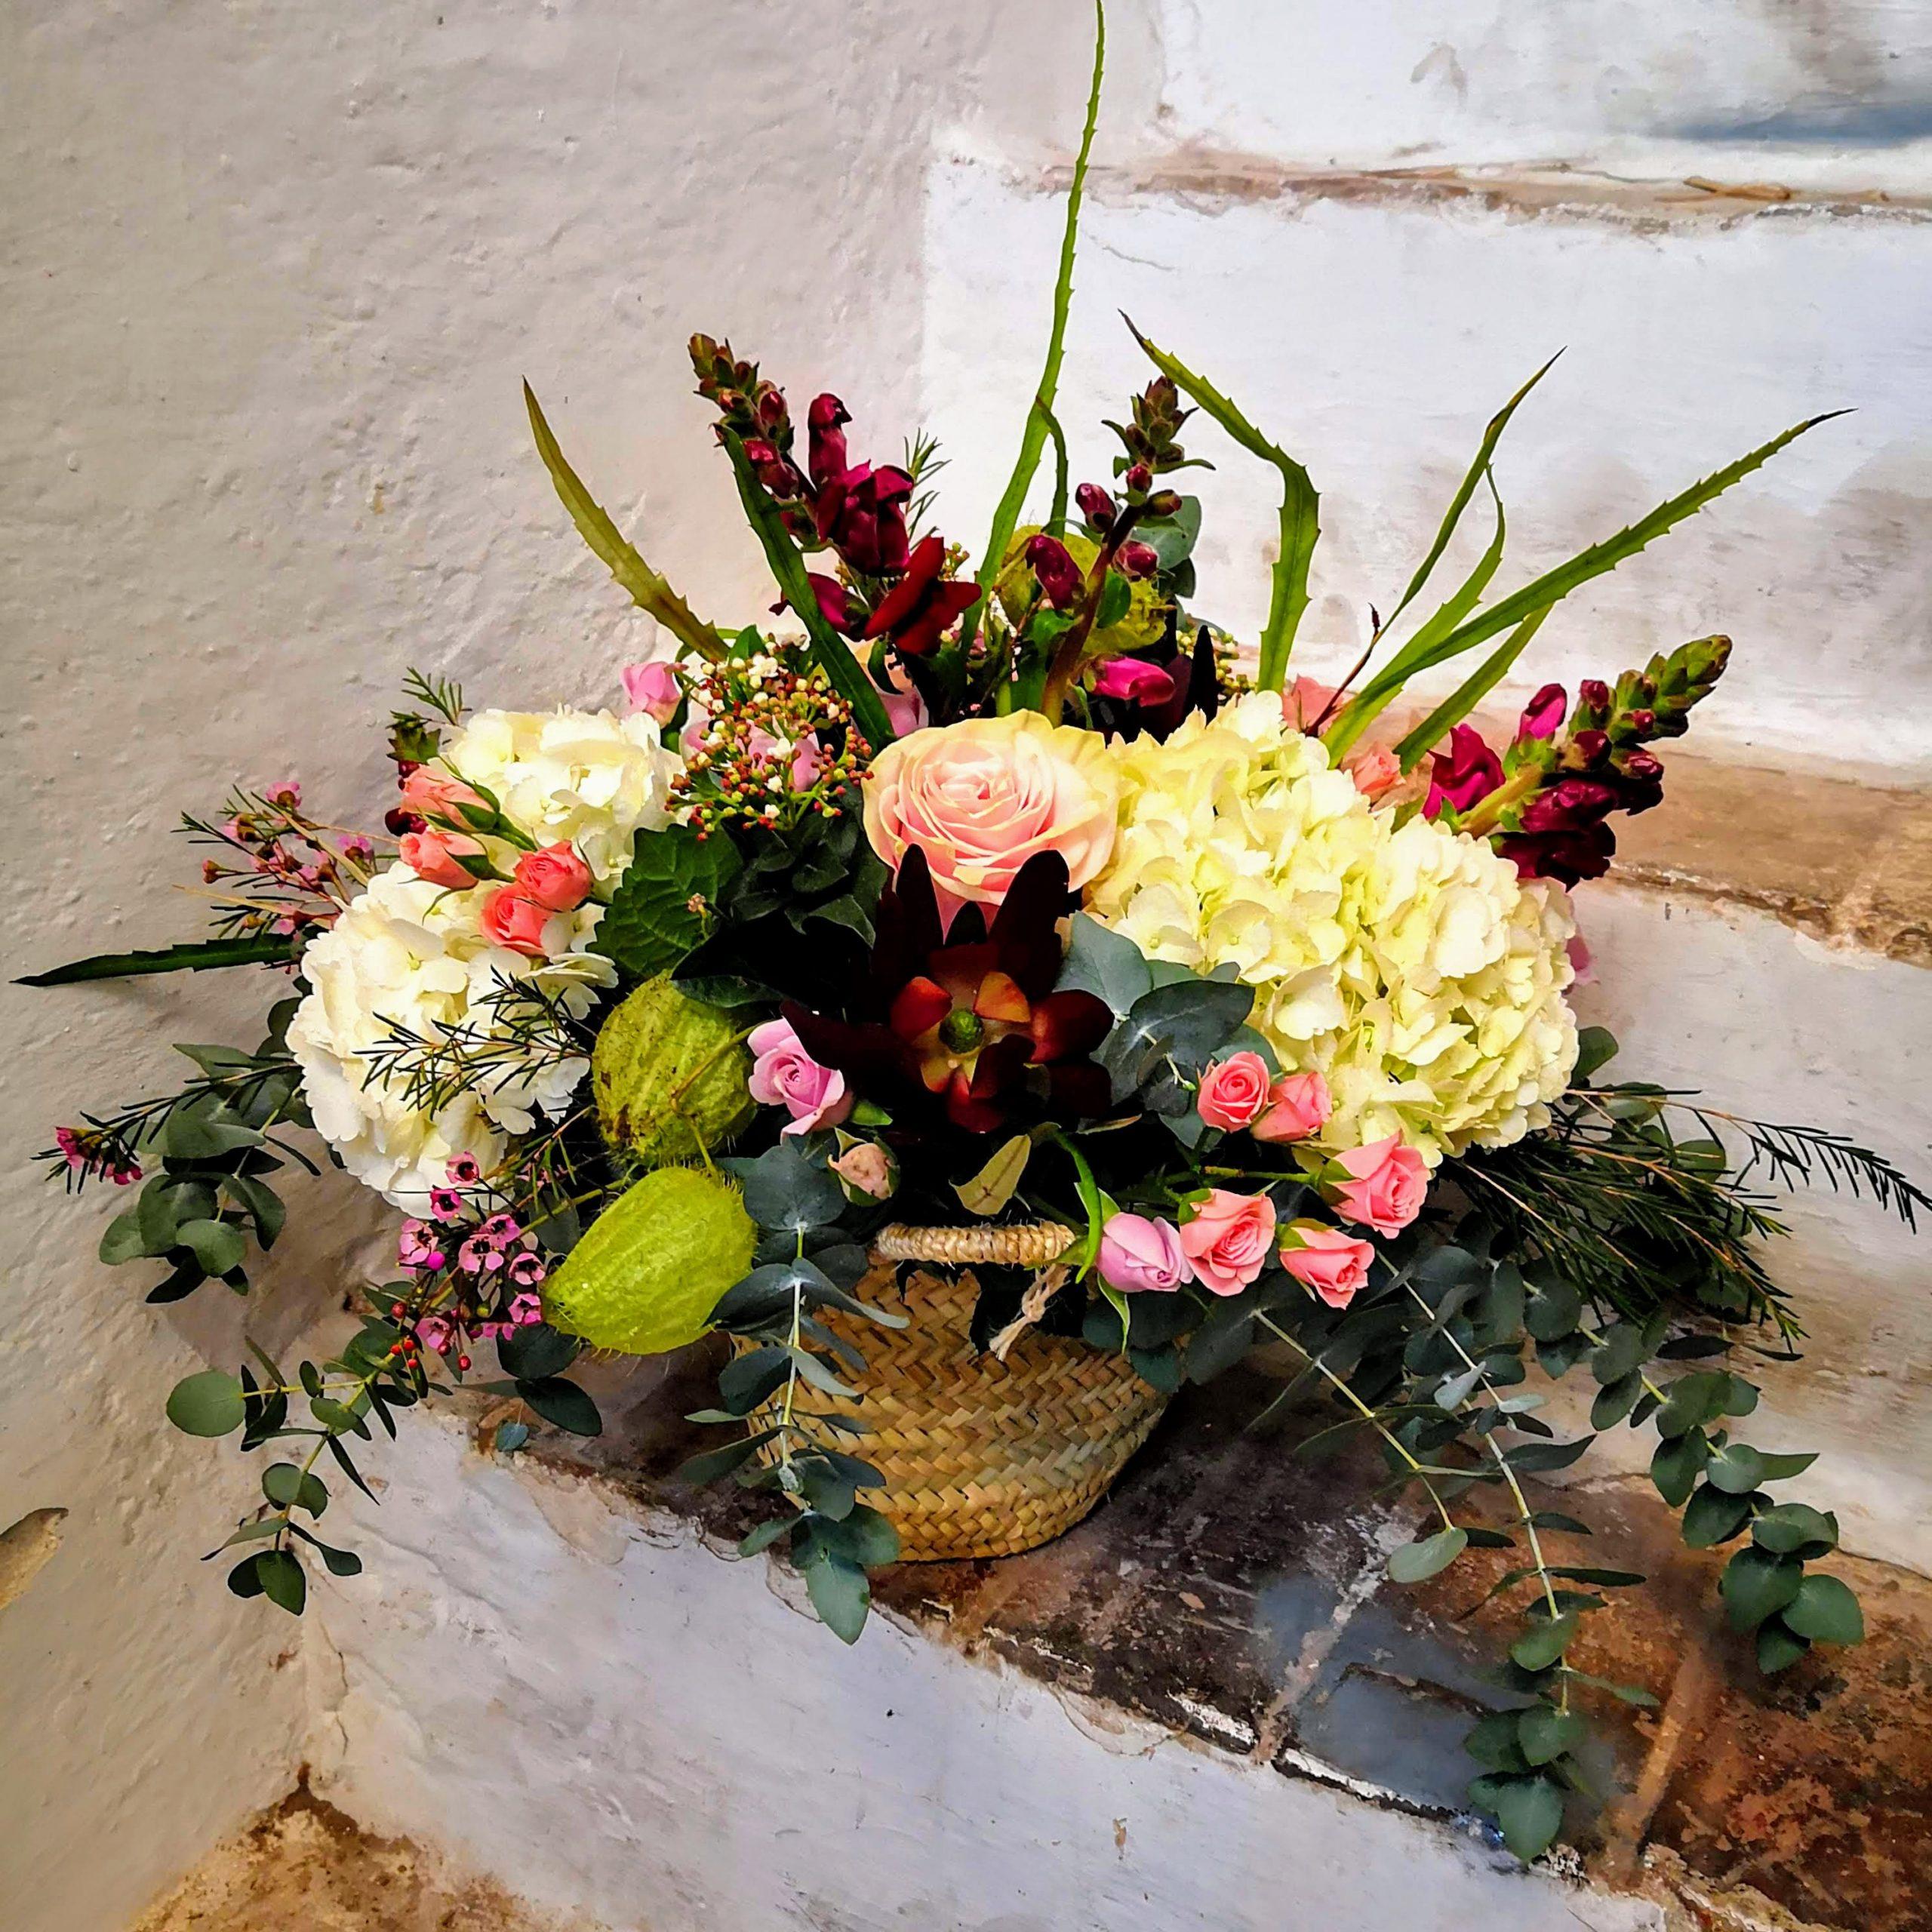 Cesta de mimbre con flores estilo rústico